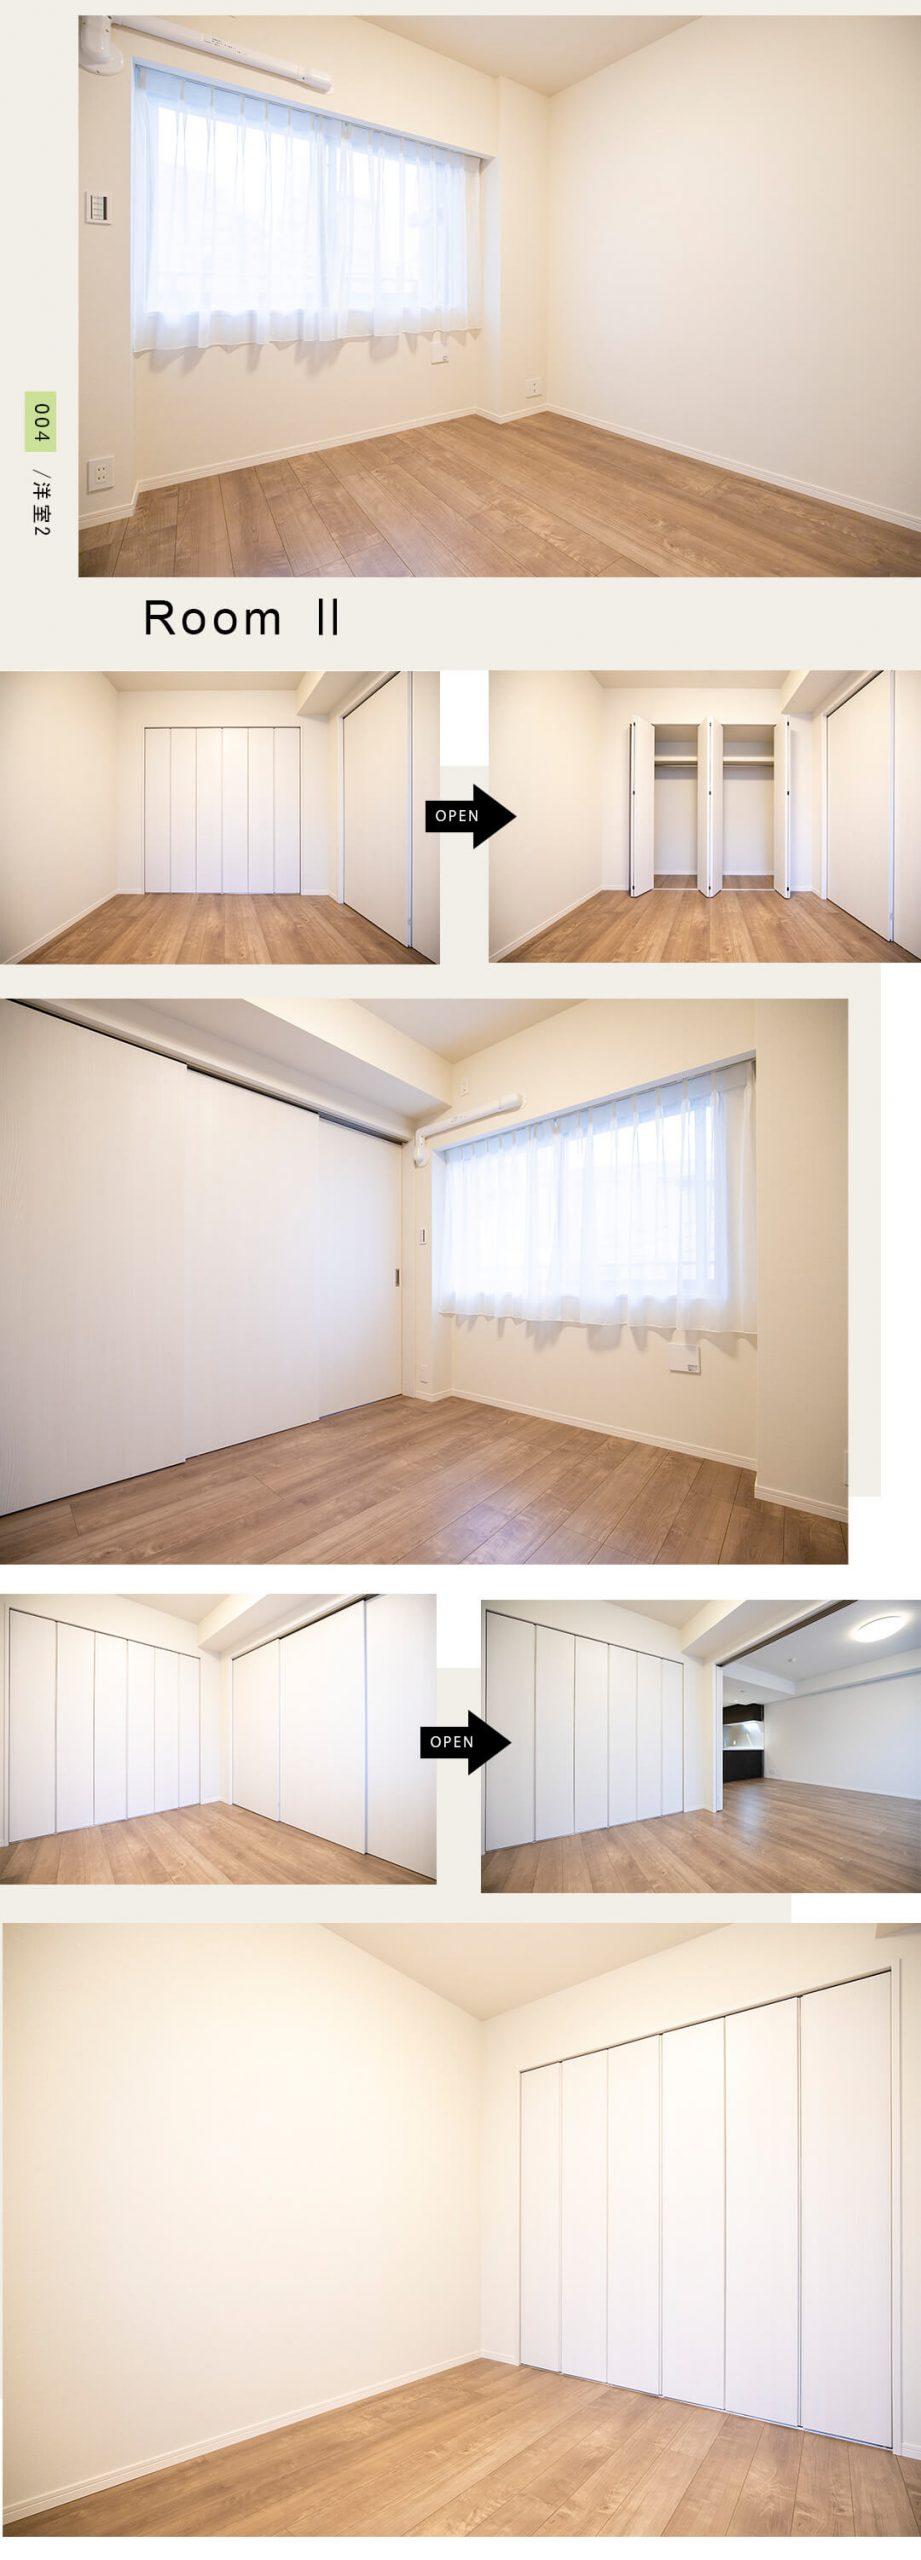 004洋室2,Room Ⅱ